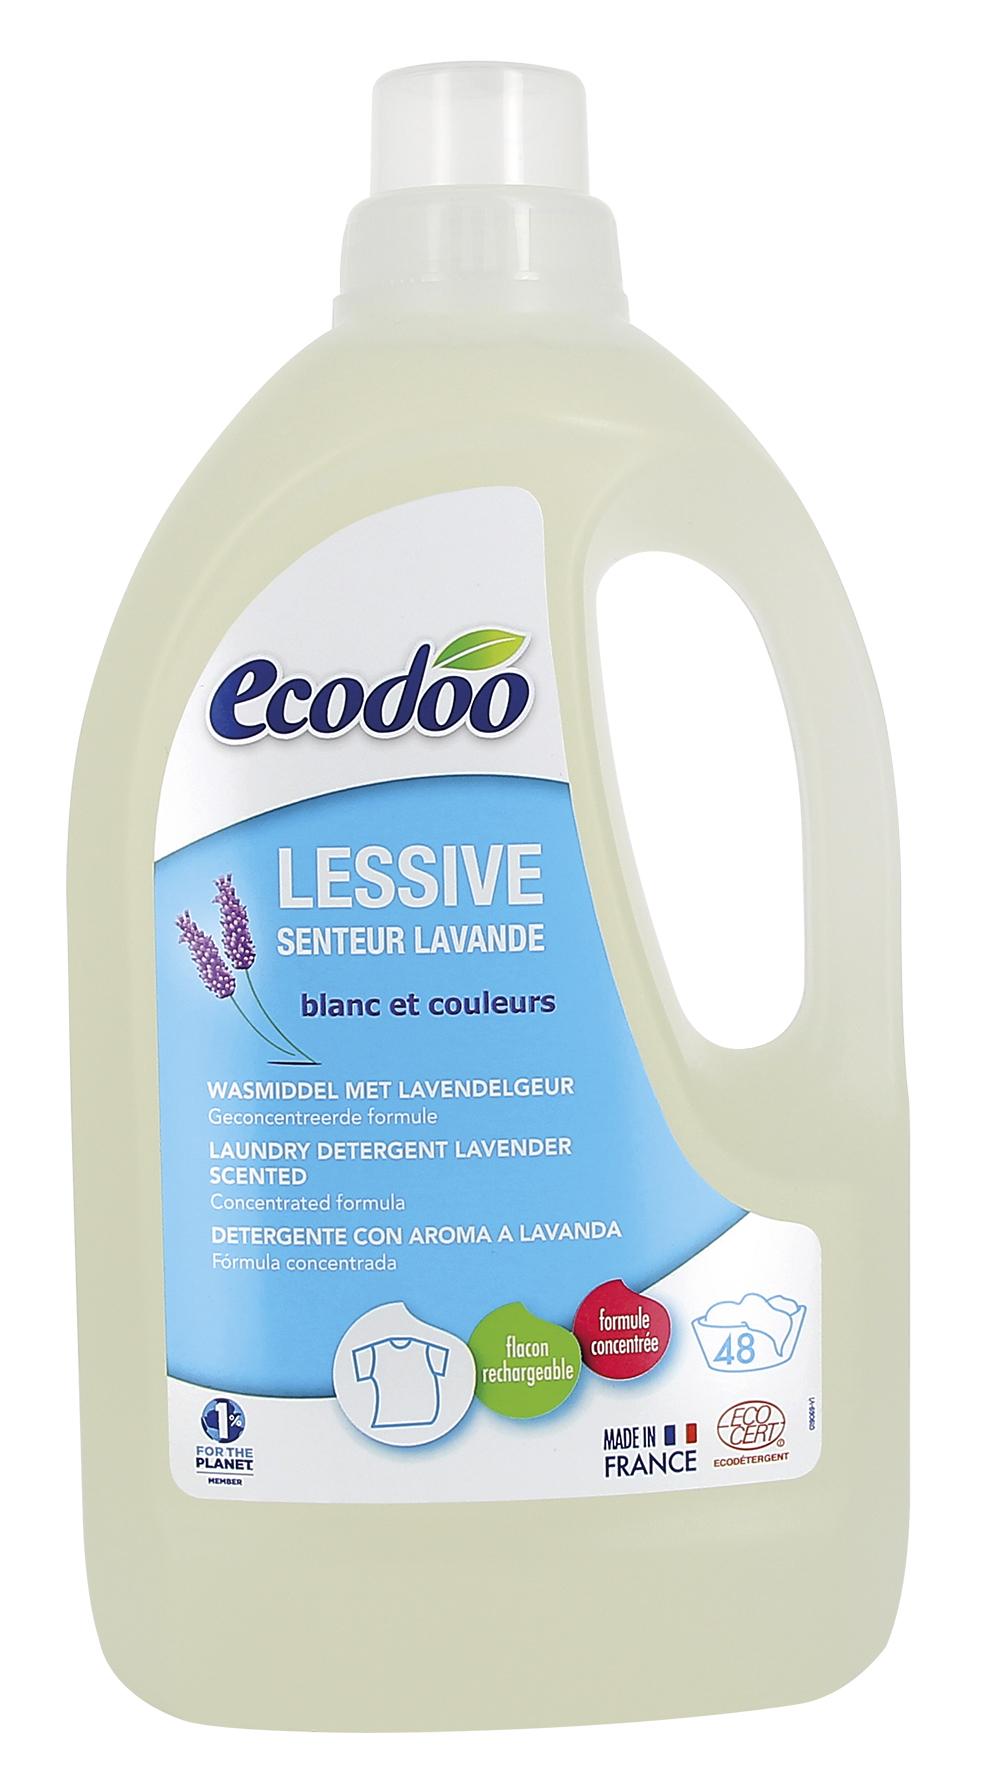 Lessive concentrée senteur lavande, Ecodoo (1.5 l)